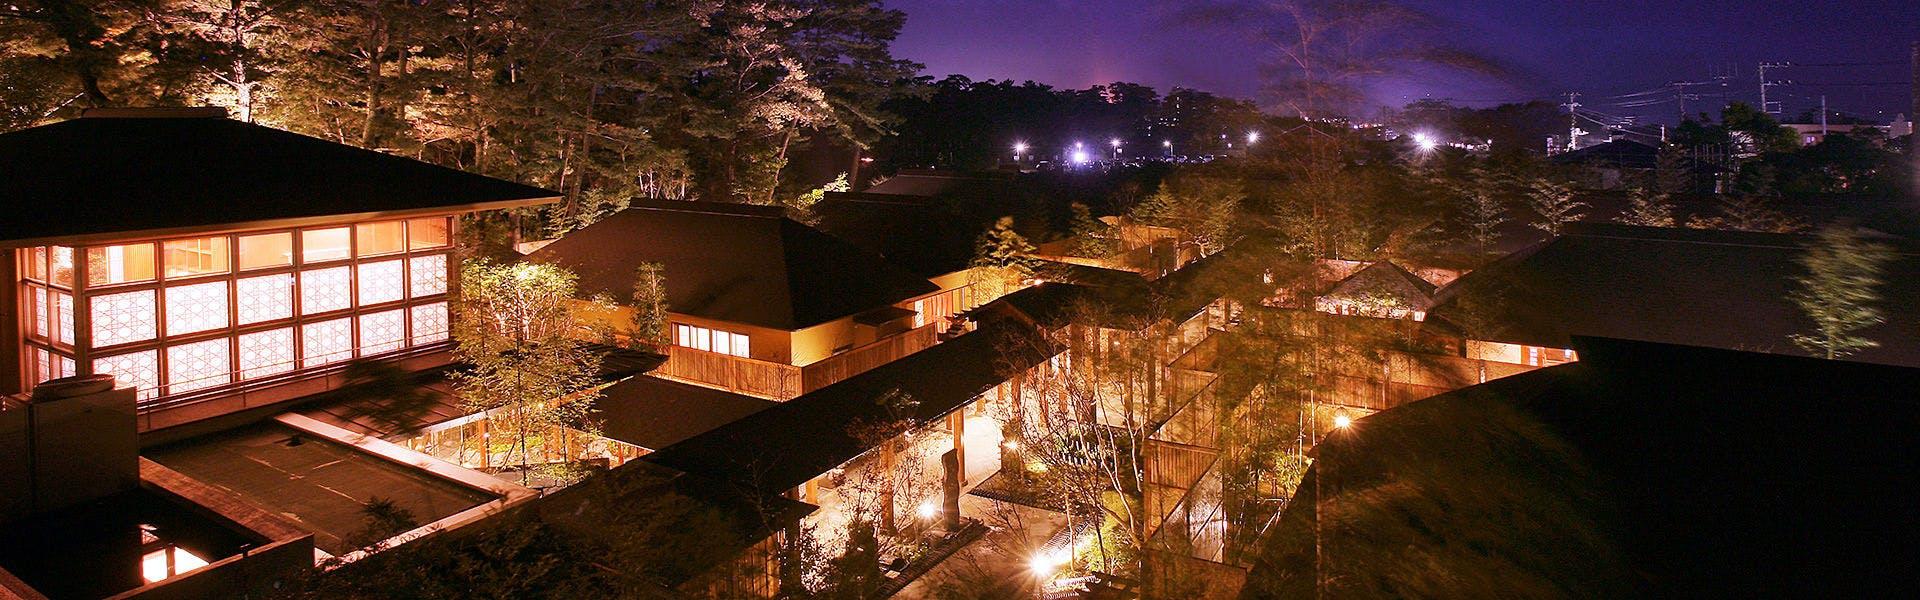 記念日におすすめのホテル・鴨川館別邸 ラ・松廬の写真1